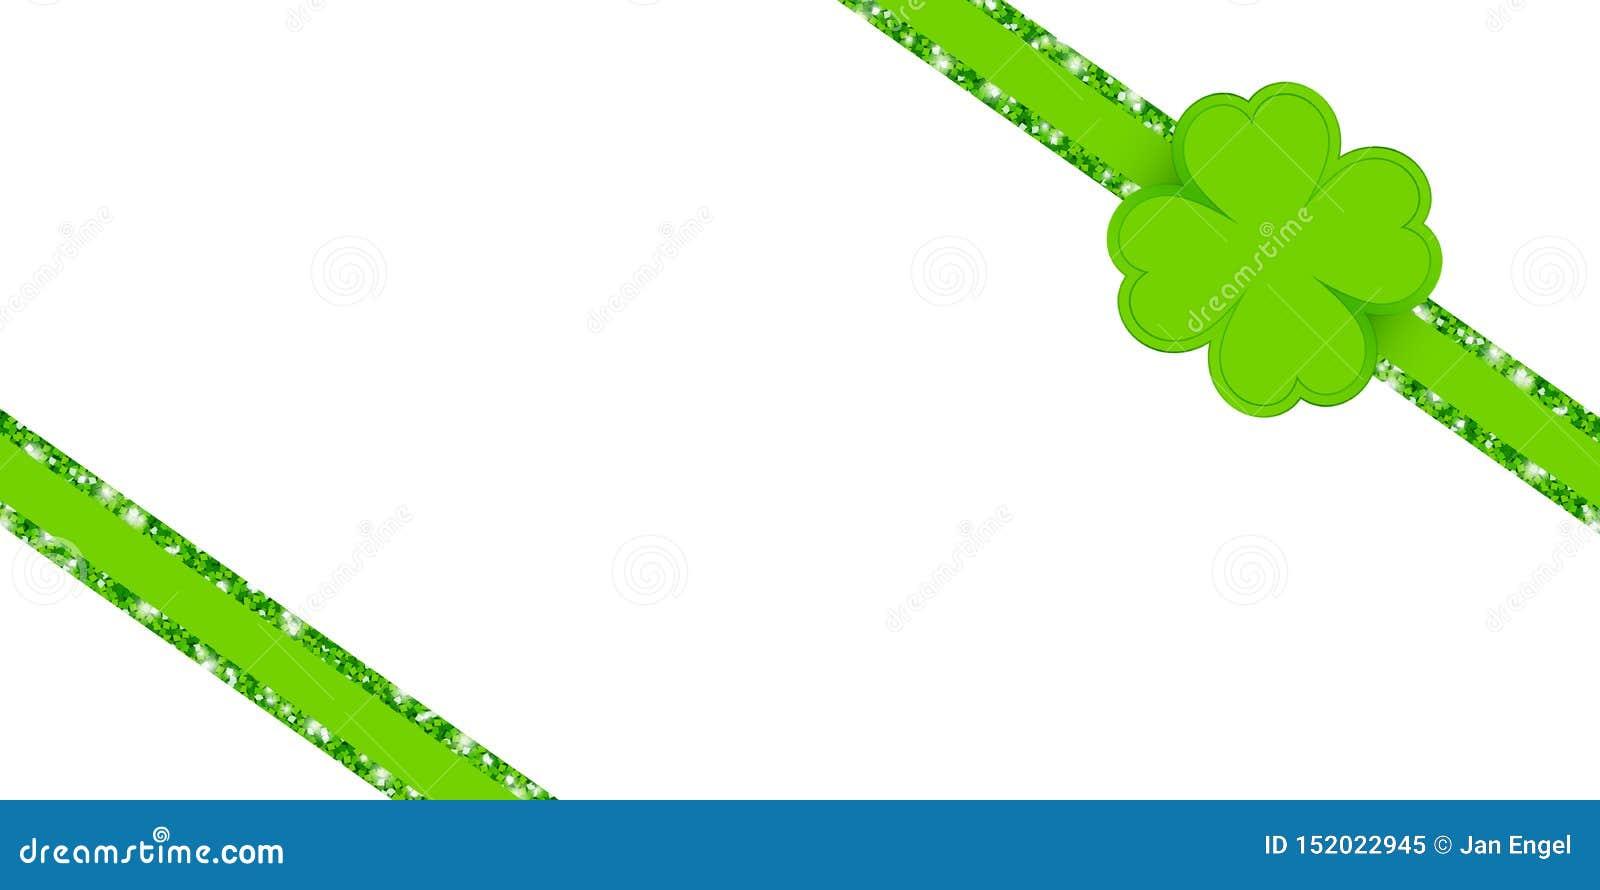 Lustro diagonale della foglia del trifoglio di verde del nastro di scintillio